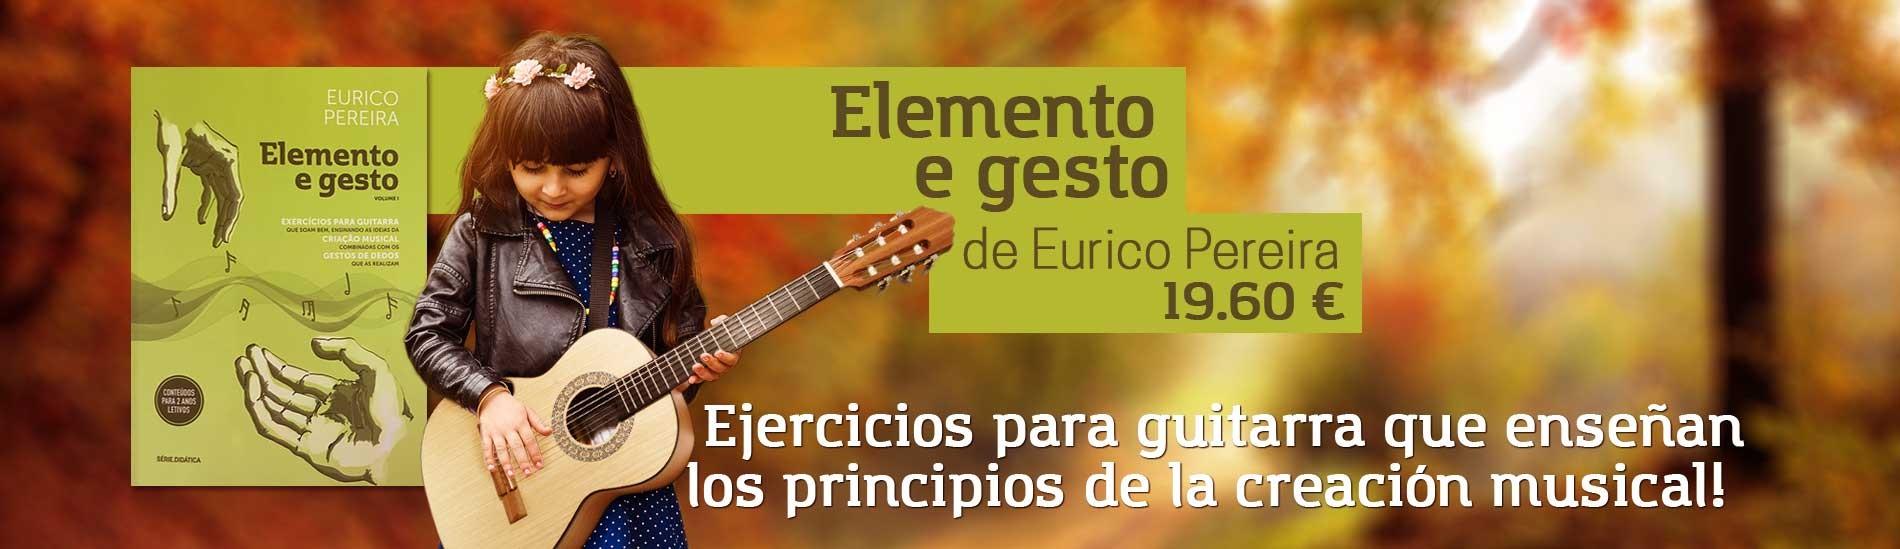 Libro Elemento e Gesto Vol 1 de Eurico Pereira